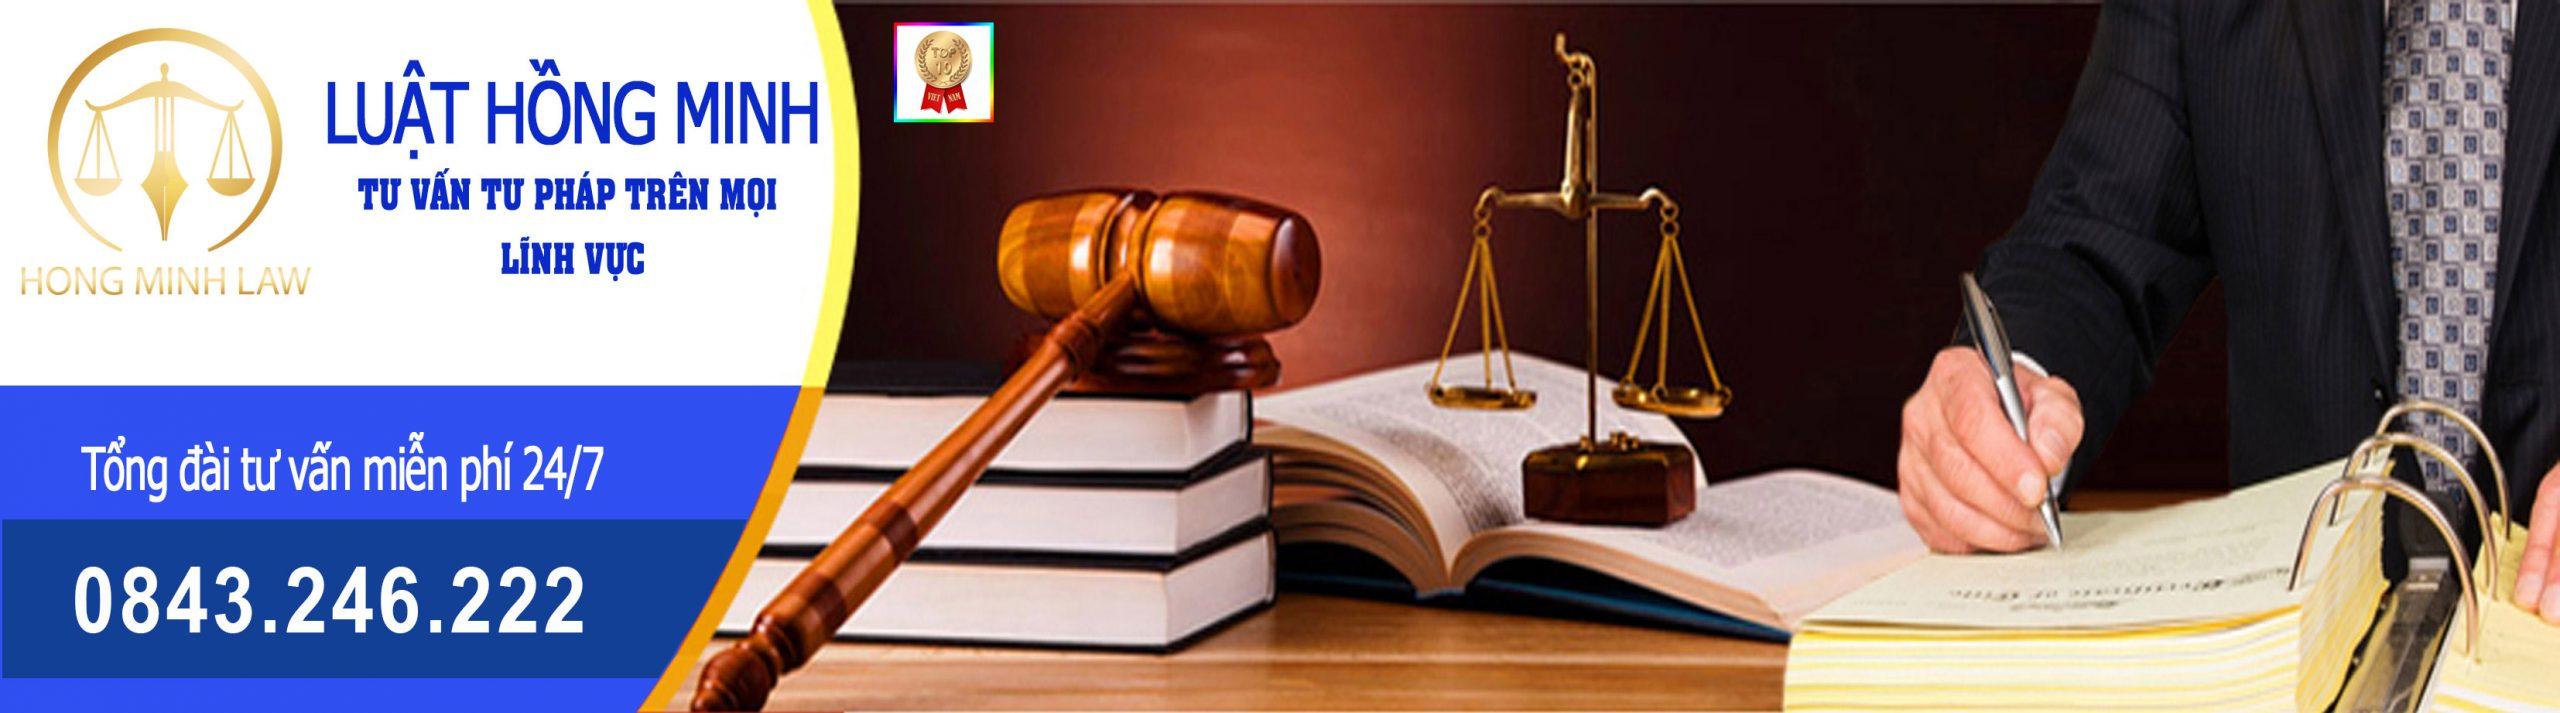 Dịch vụ tư vấn luật tại Công ty luật Hồng Minh